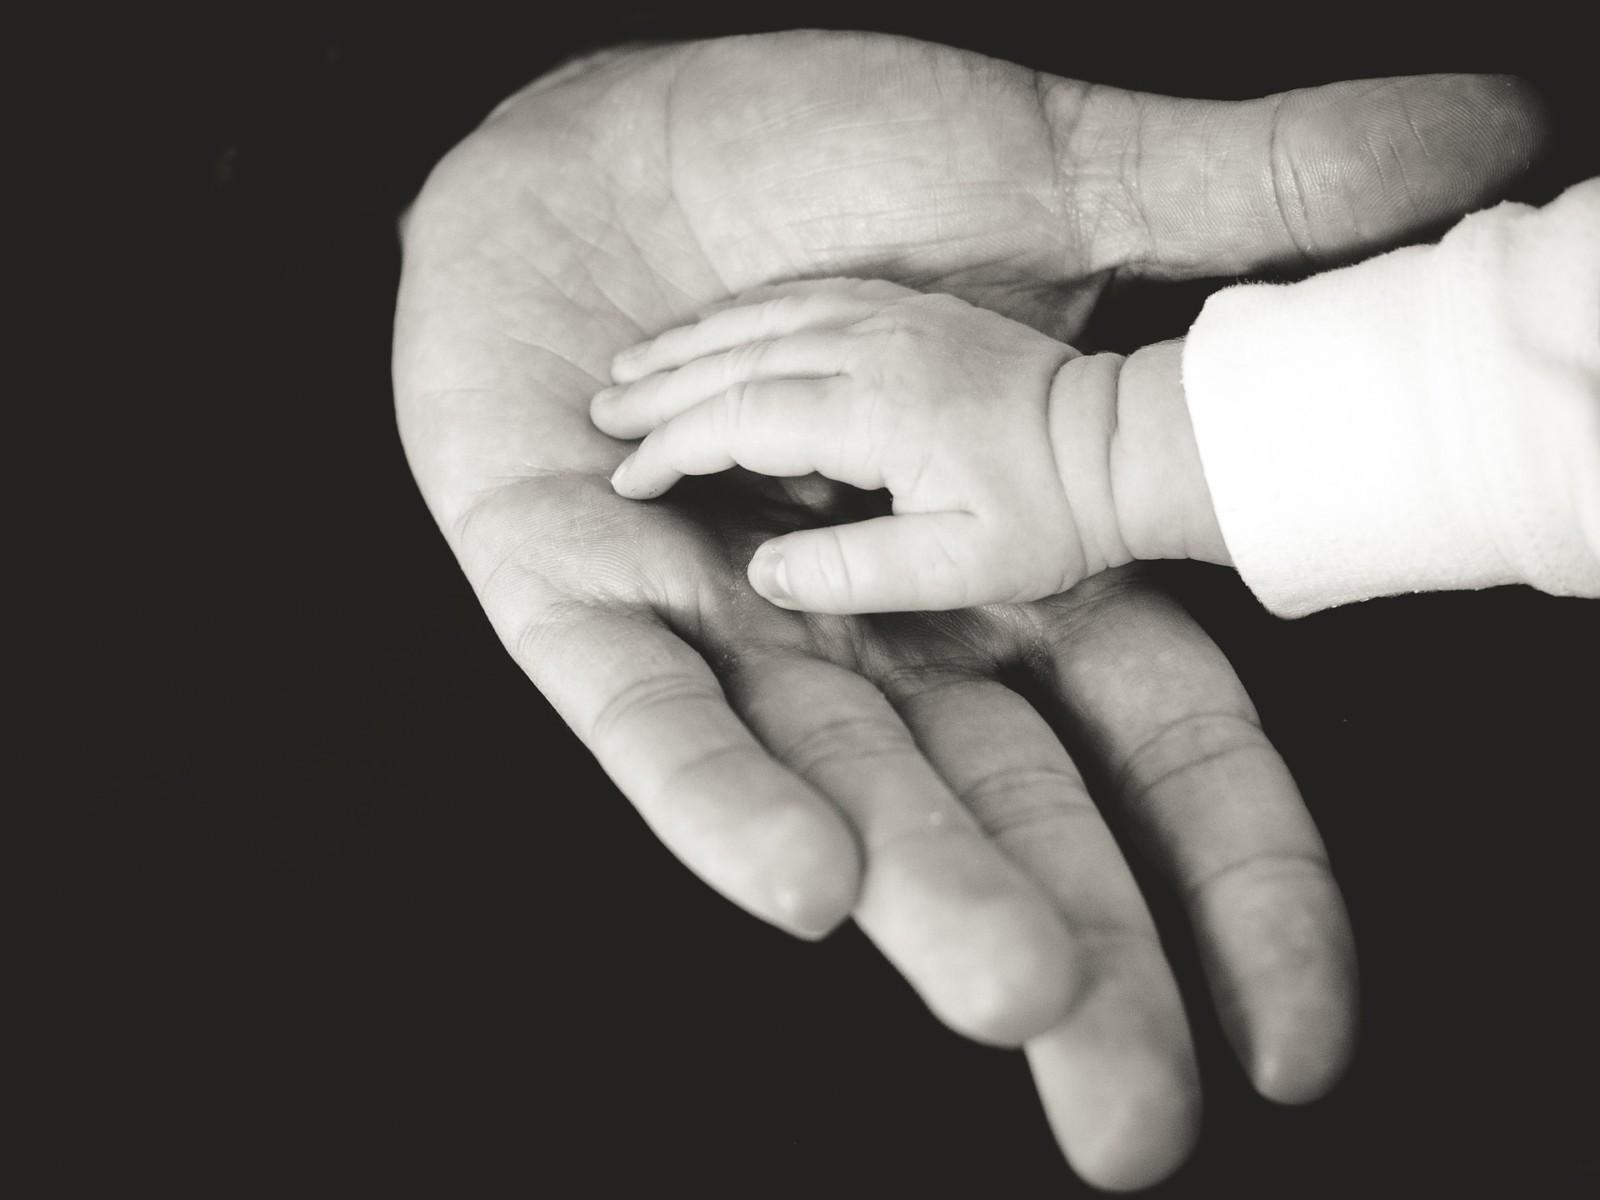 Волховчанка подозревается в убийстве новорожденной дочери